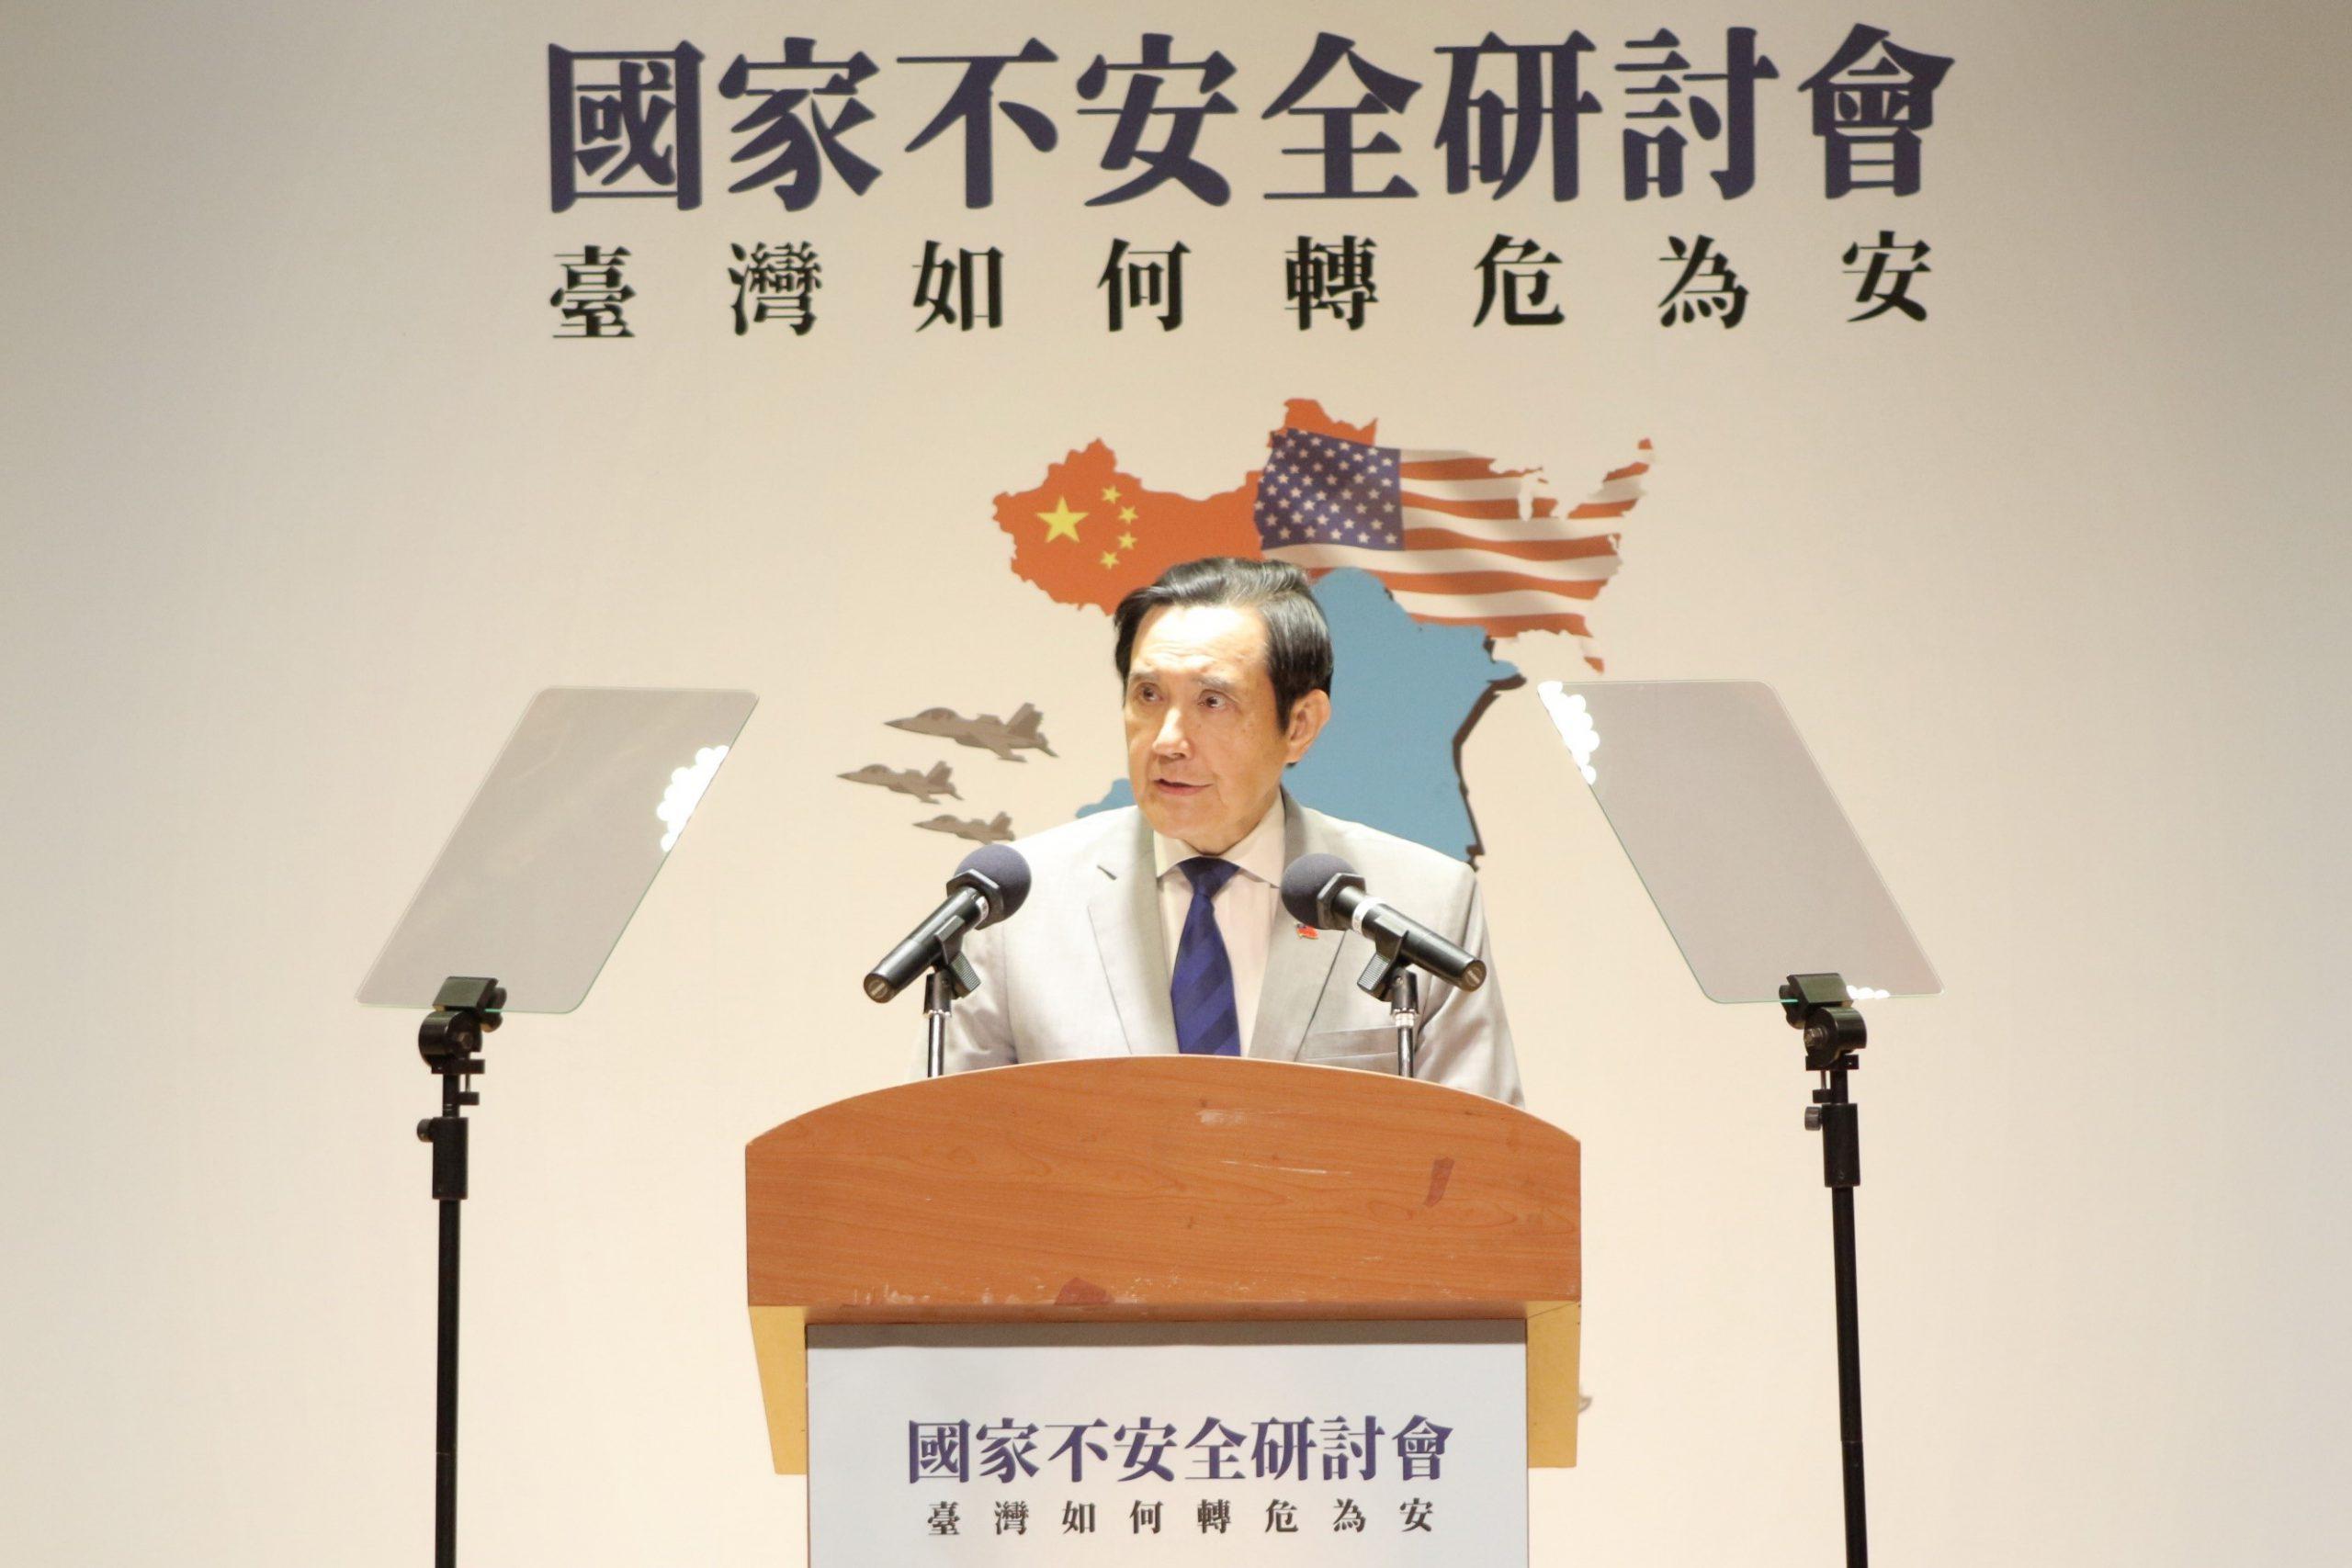 馬英九舉辦國家不安全研討會,認為蔡政府在戰略上不該選邊站